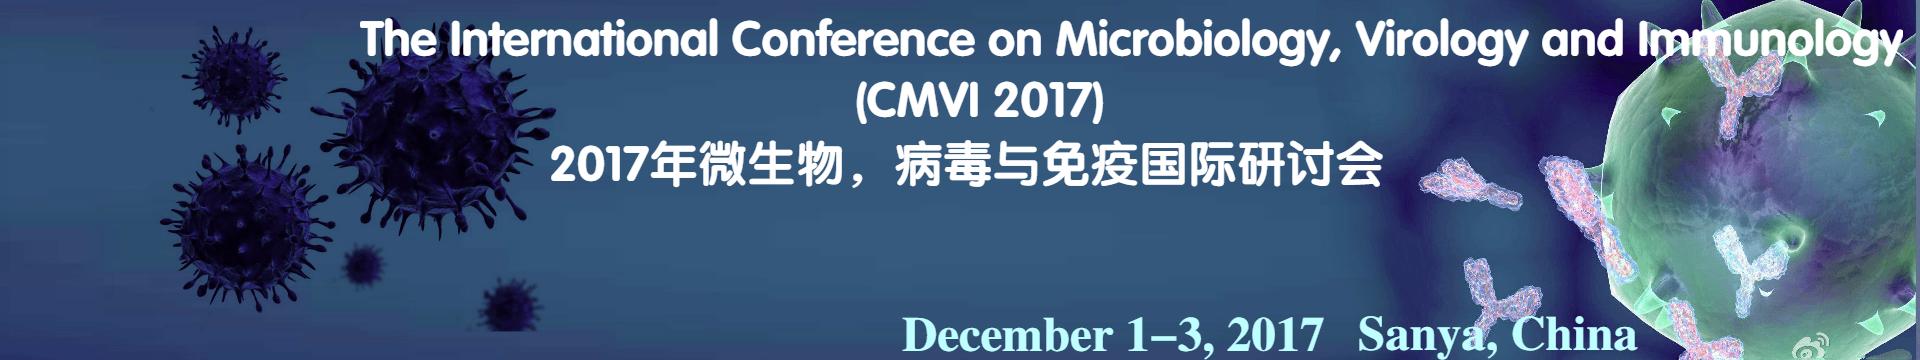 2017年微生物,病毒与免疫国际研讨会(CMVI 2017)